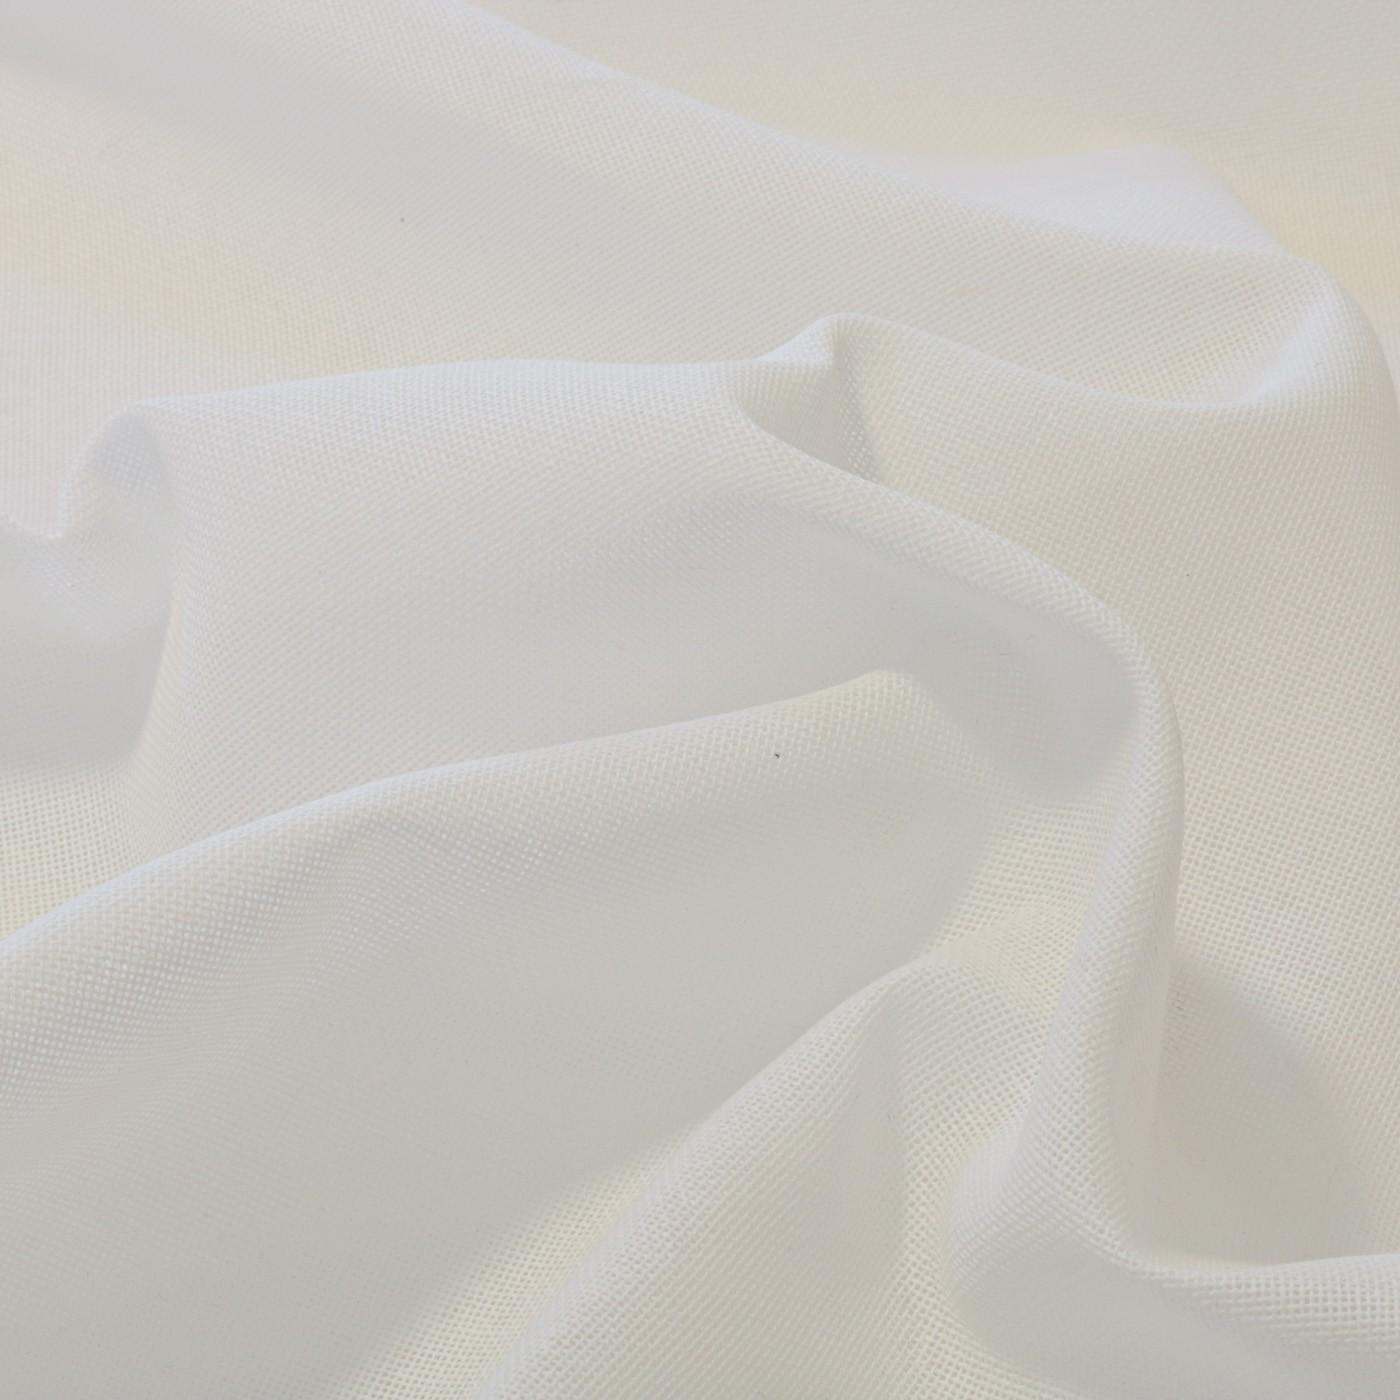 Tecido Canhamo Fino Dohler 100% Algodao Branco